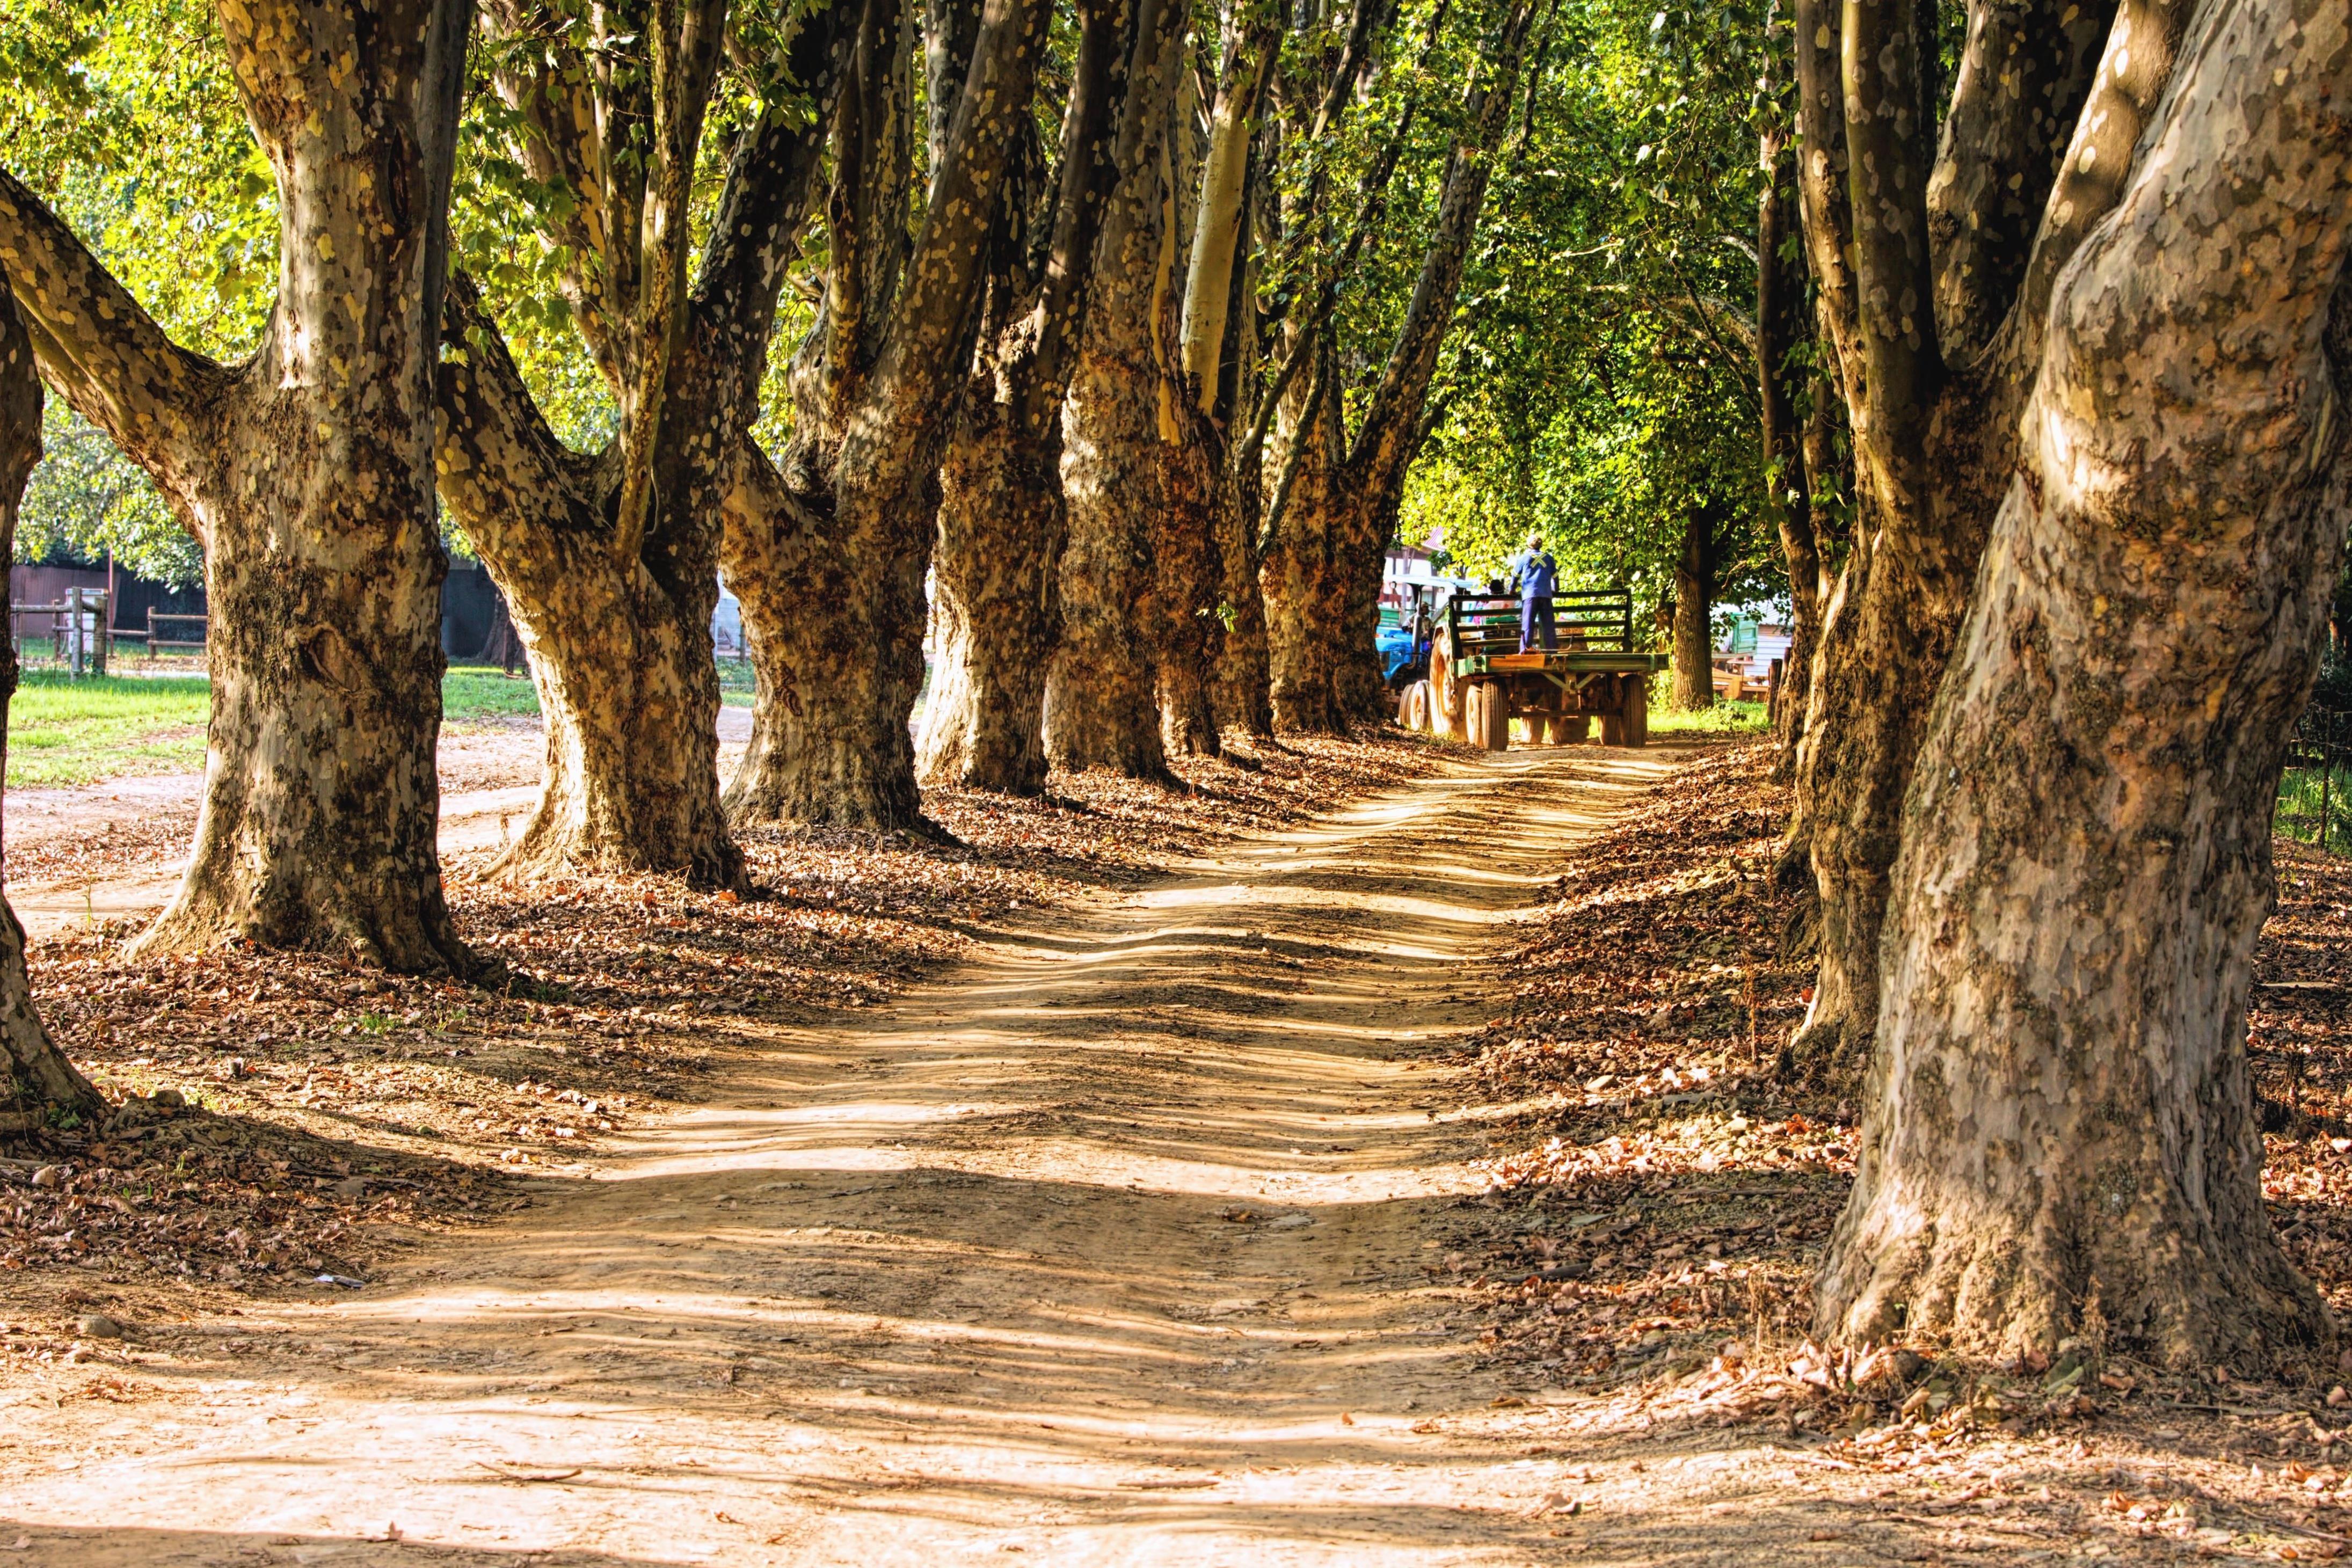 Image libre: Arbre, forêt, parc, herbe, route